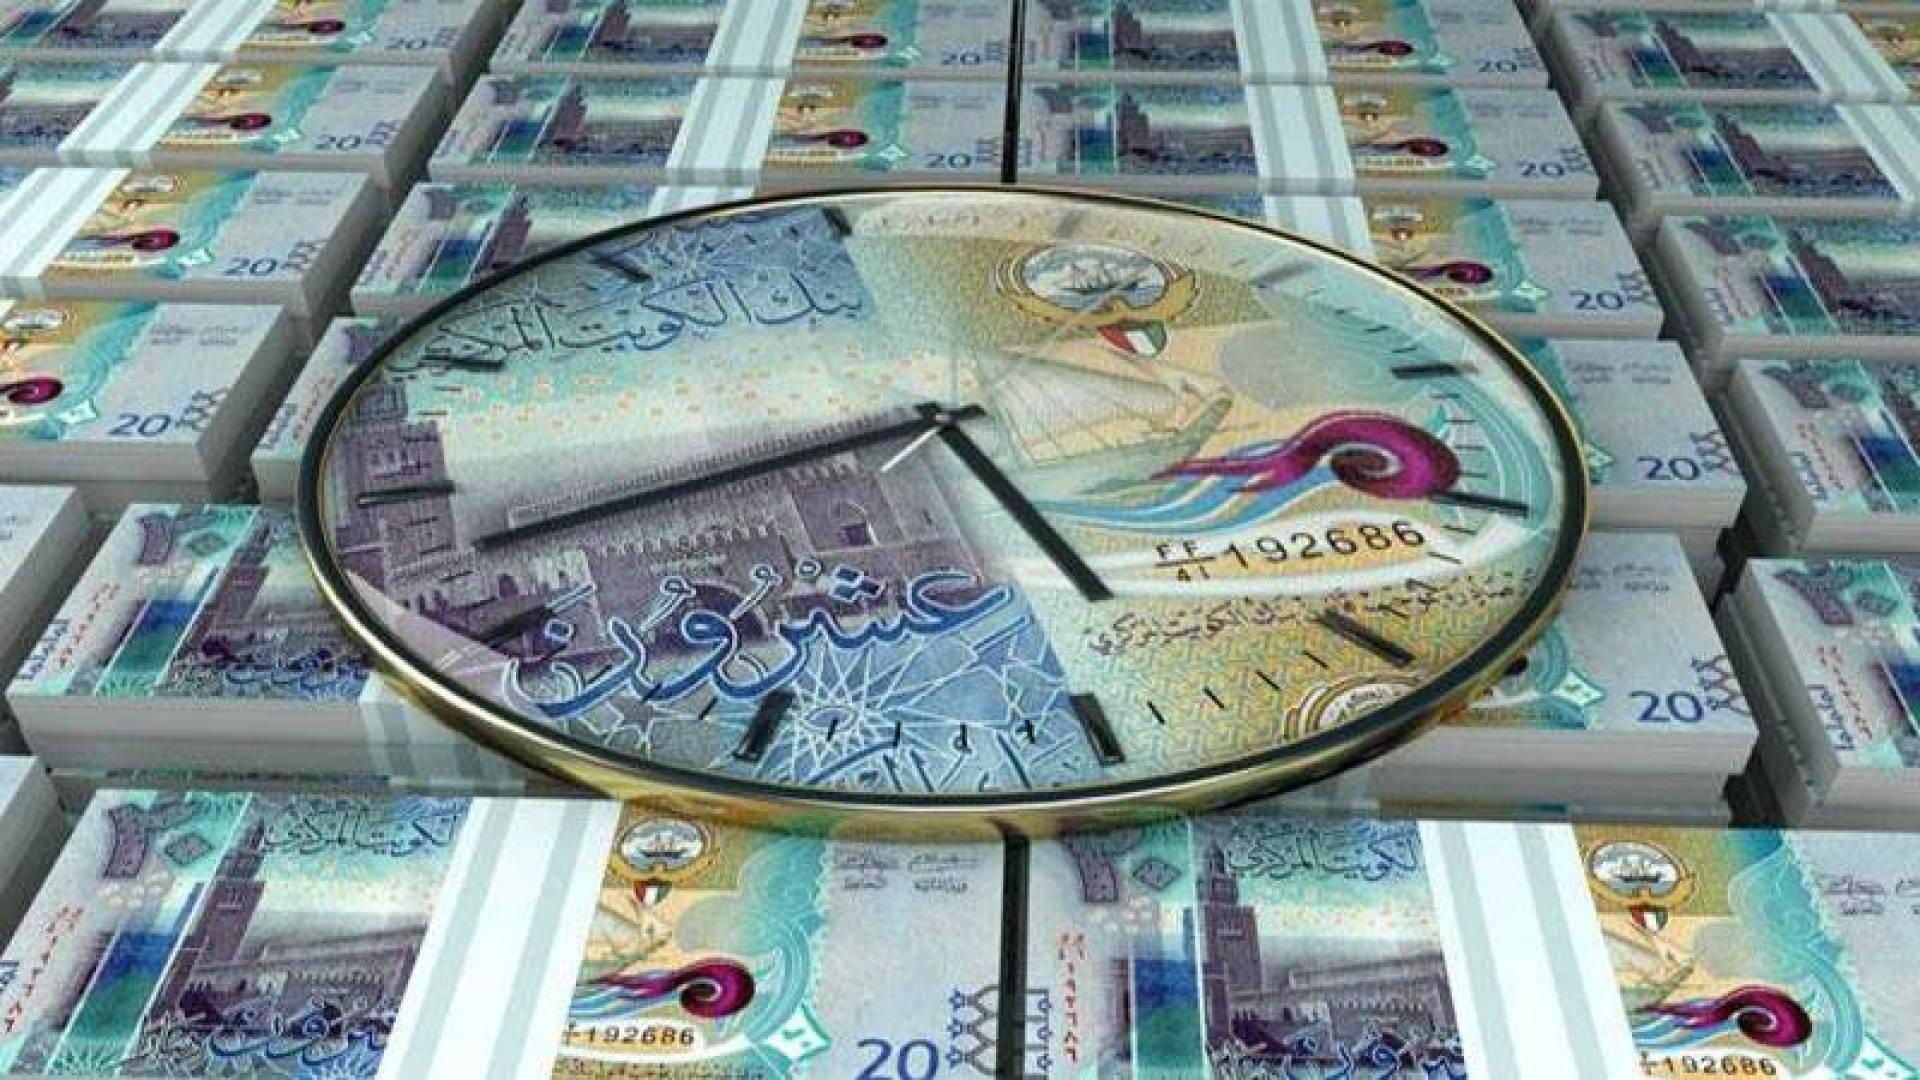 ٤ أسباب تدفع الحكومة للتمسُّك بالصيغة الأساسية لـ «الدَّين العام»